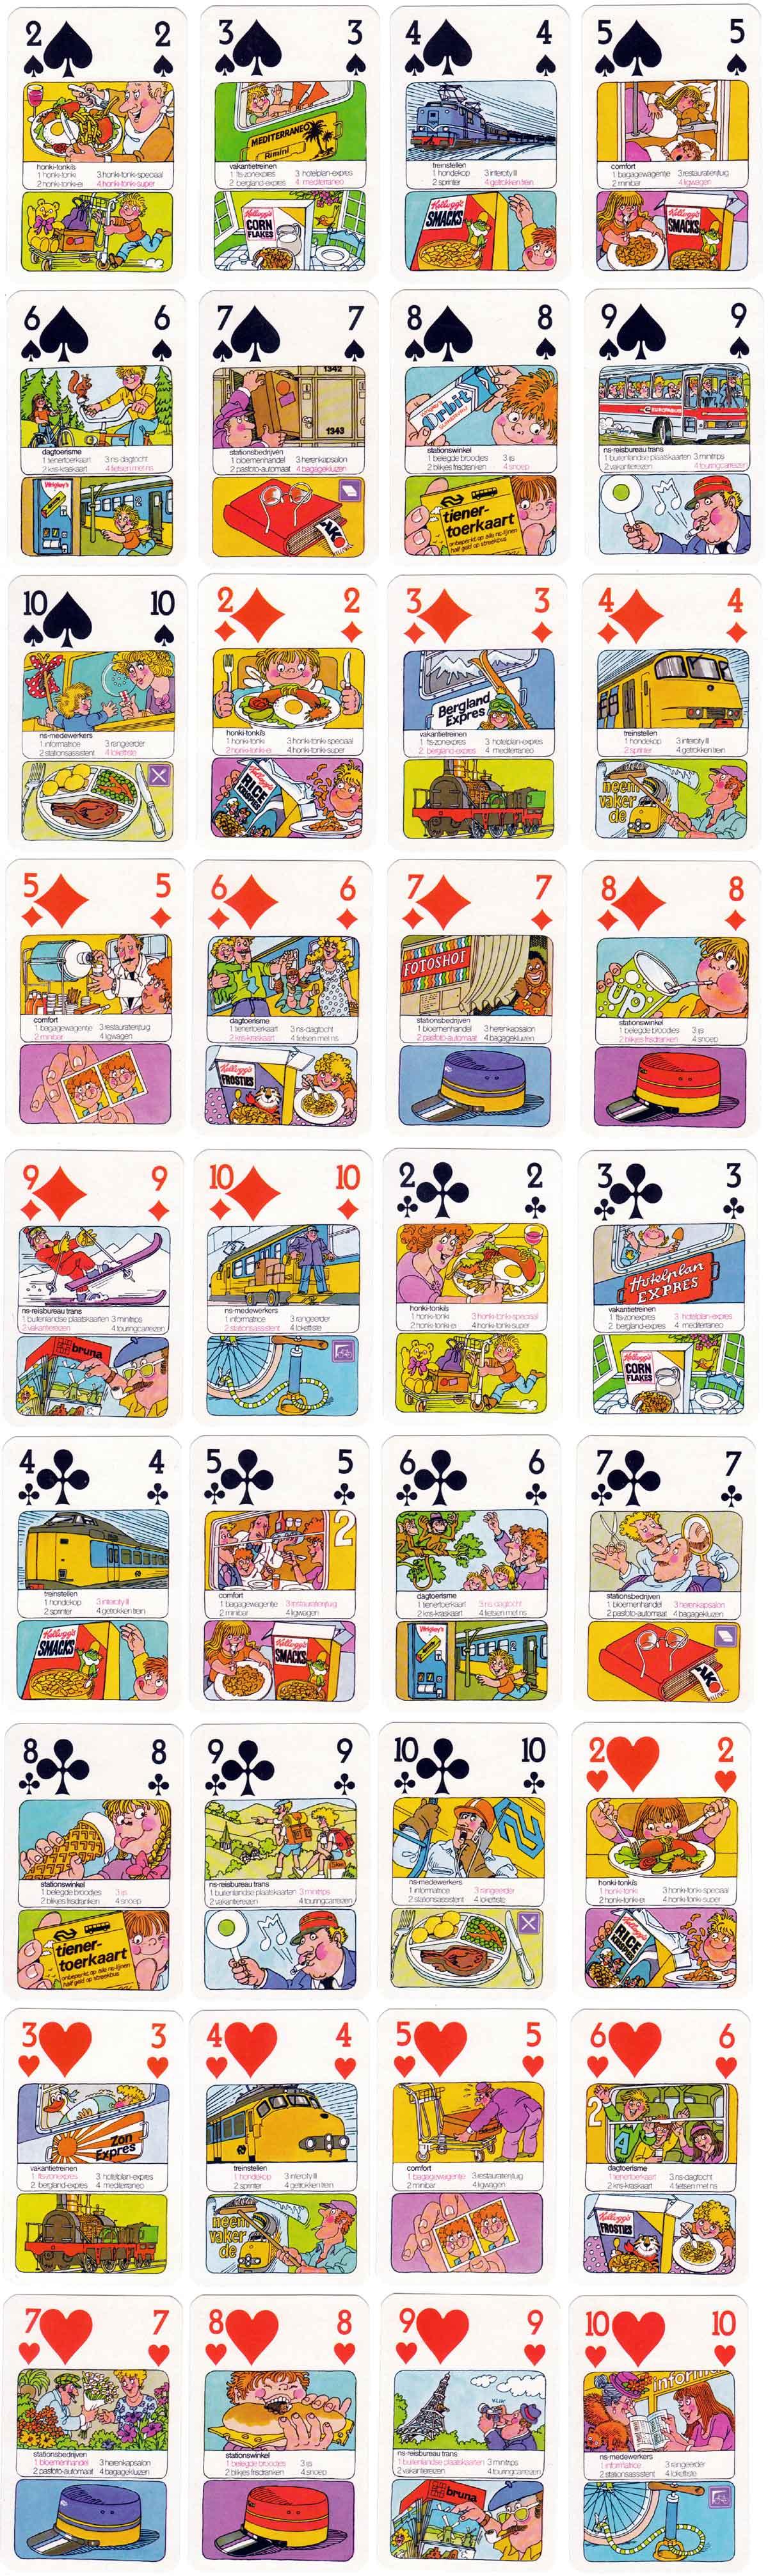 Stationskwartetspel (Railway Stations quartet game) published by Servex BV, Utrecht, 1975